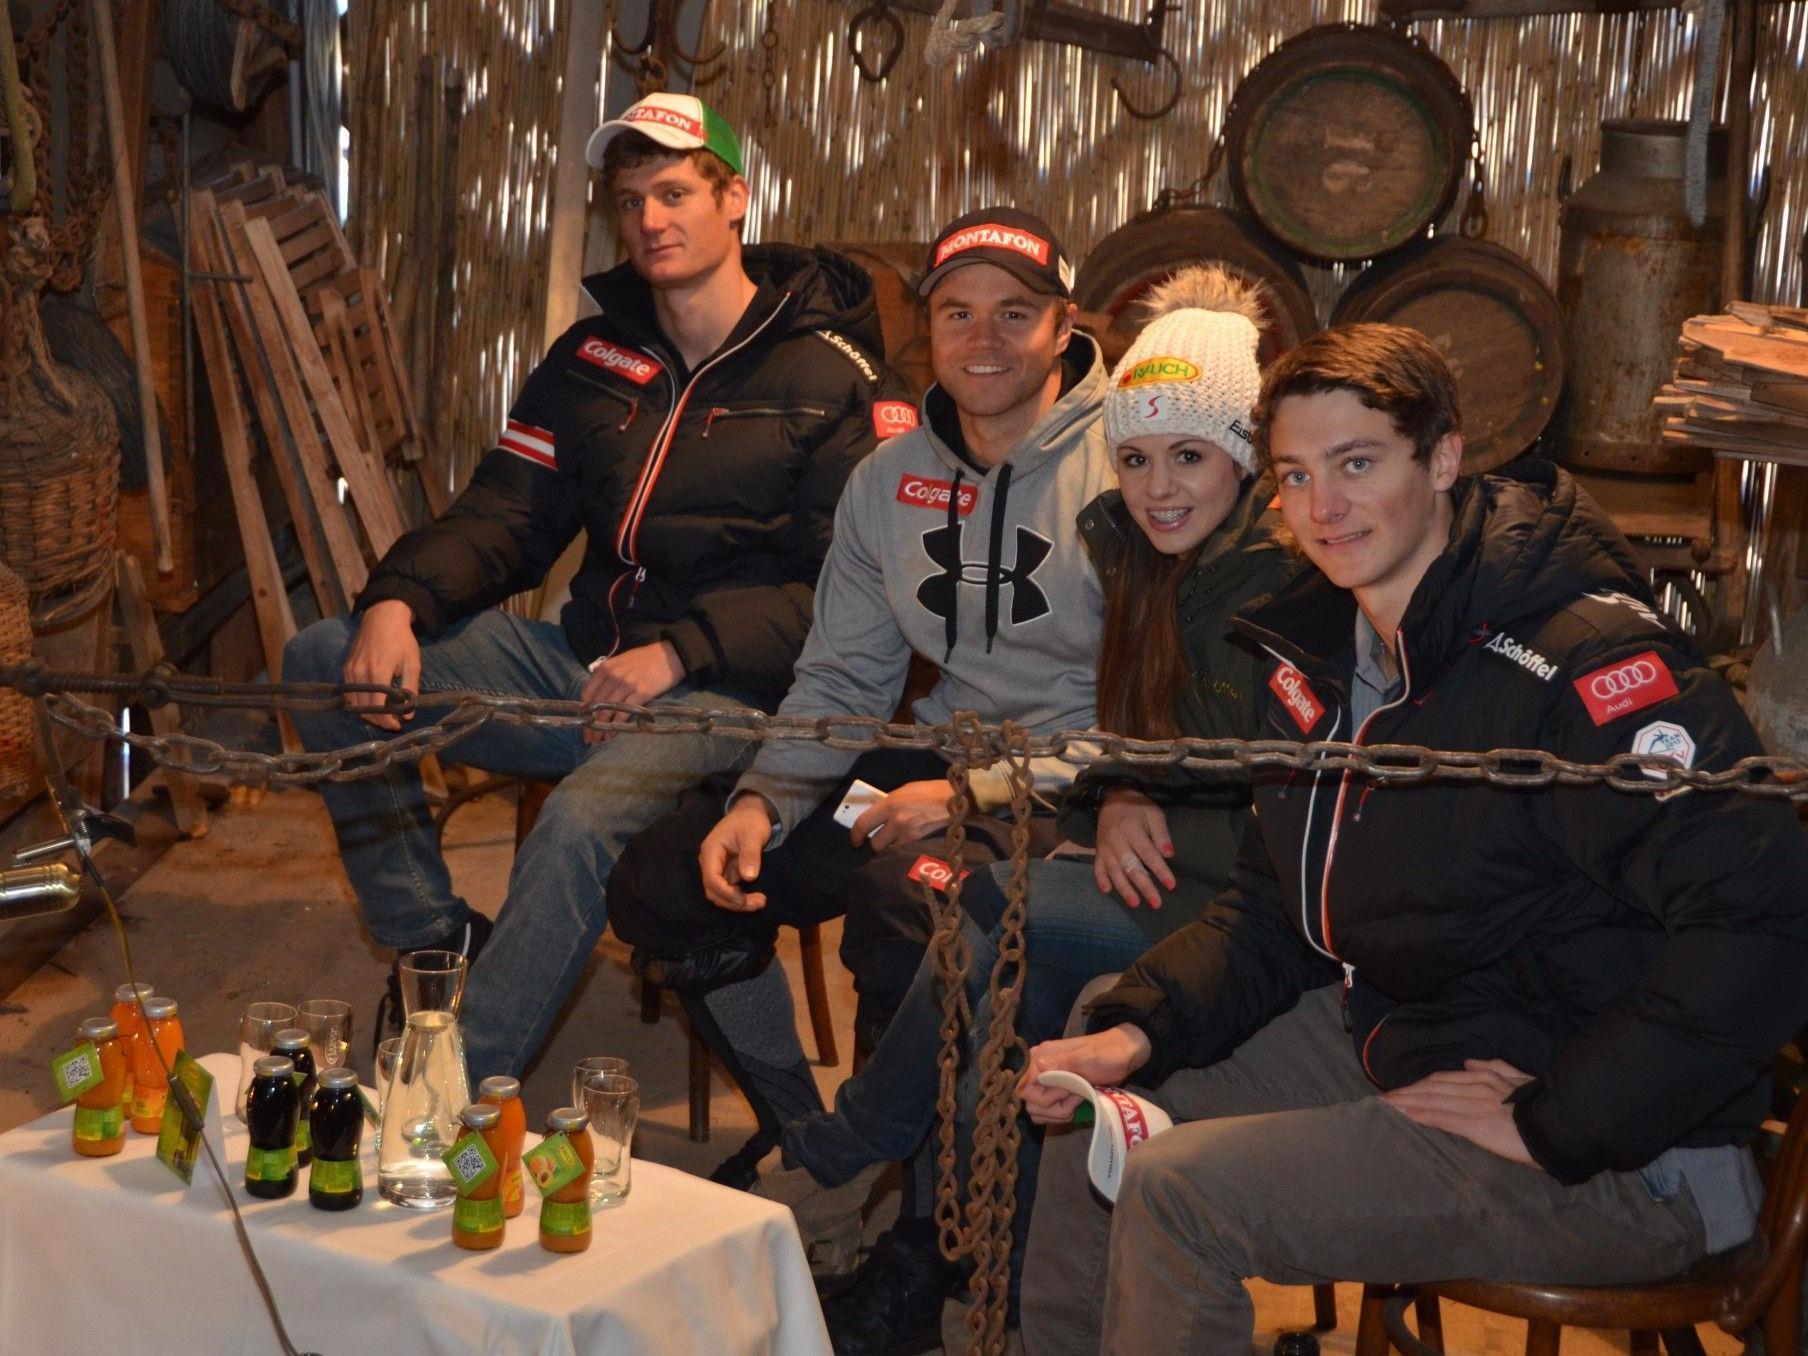 Das Ländle-Snowboard-Quartett freut sich auf das Heimrennen Anfang Dezember im Montafon.